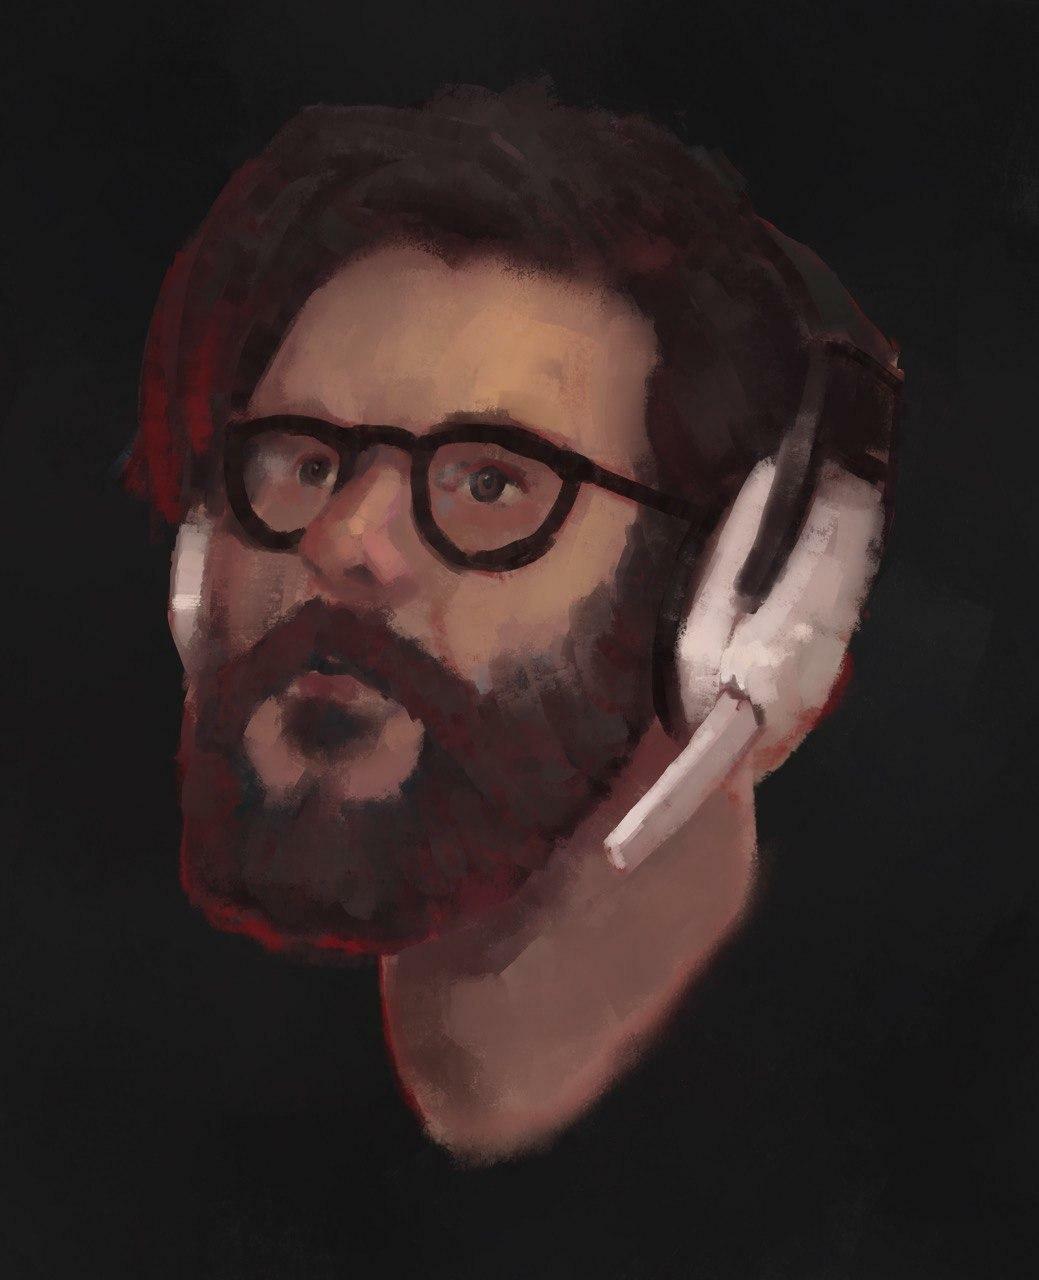 Skypecall portrait of my friend Ale